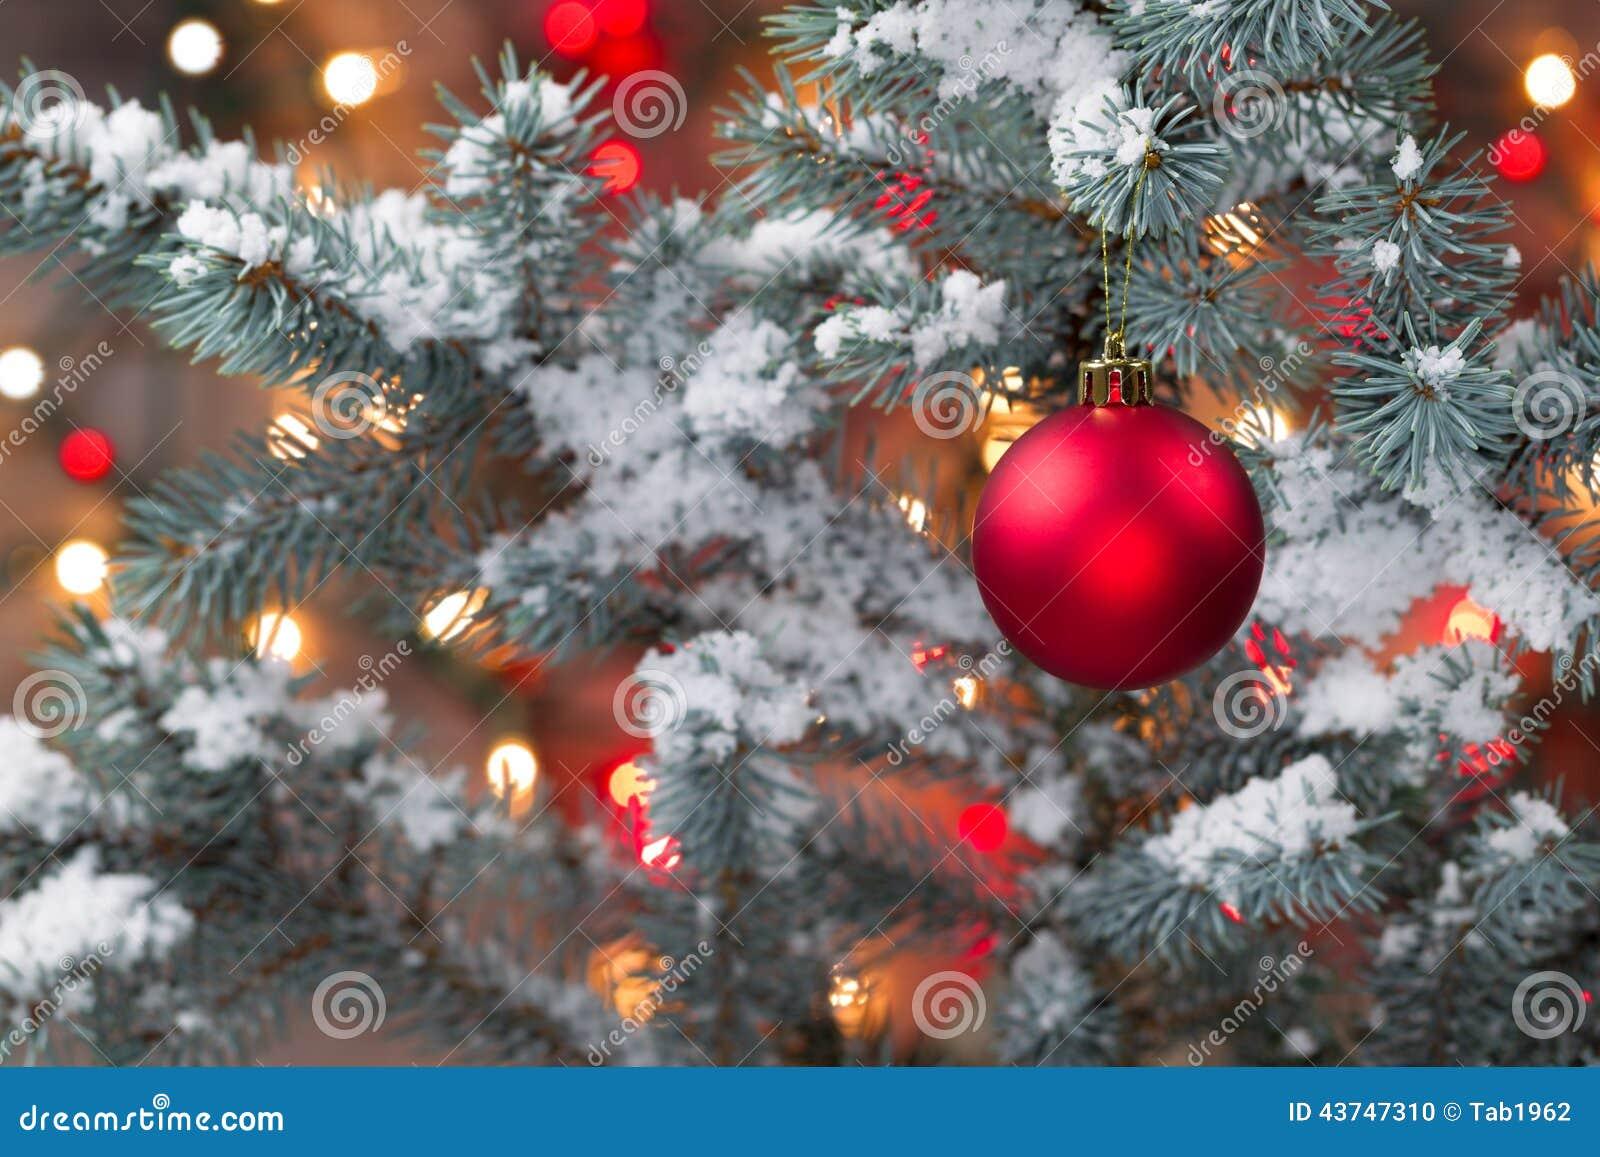 Χιονισμένο χριστουγεννιάτικο δέντρο με την ένωση της κόκκινης διακόσμησης